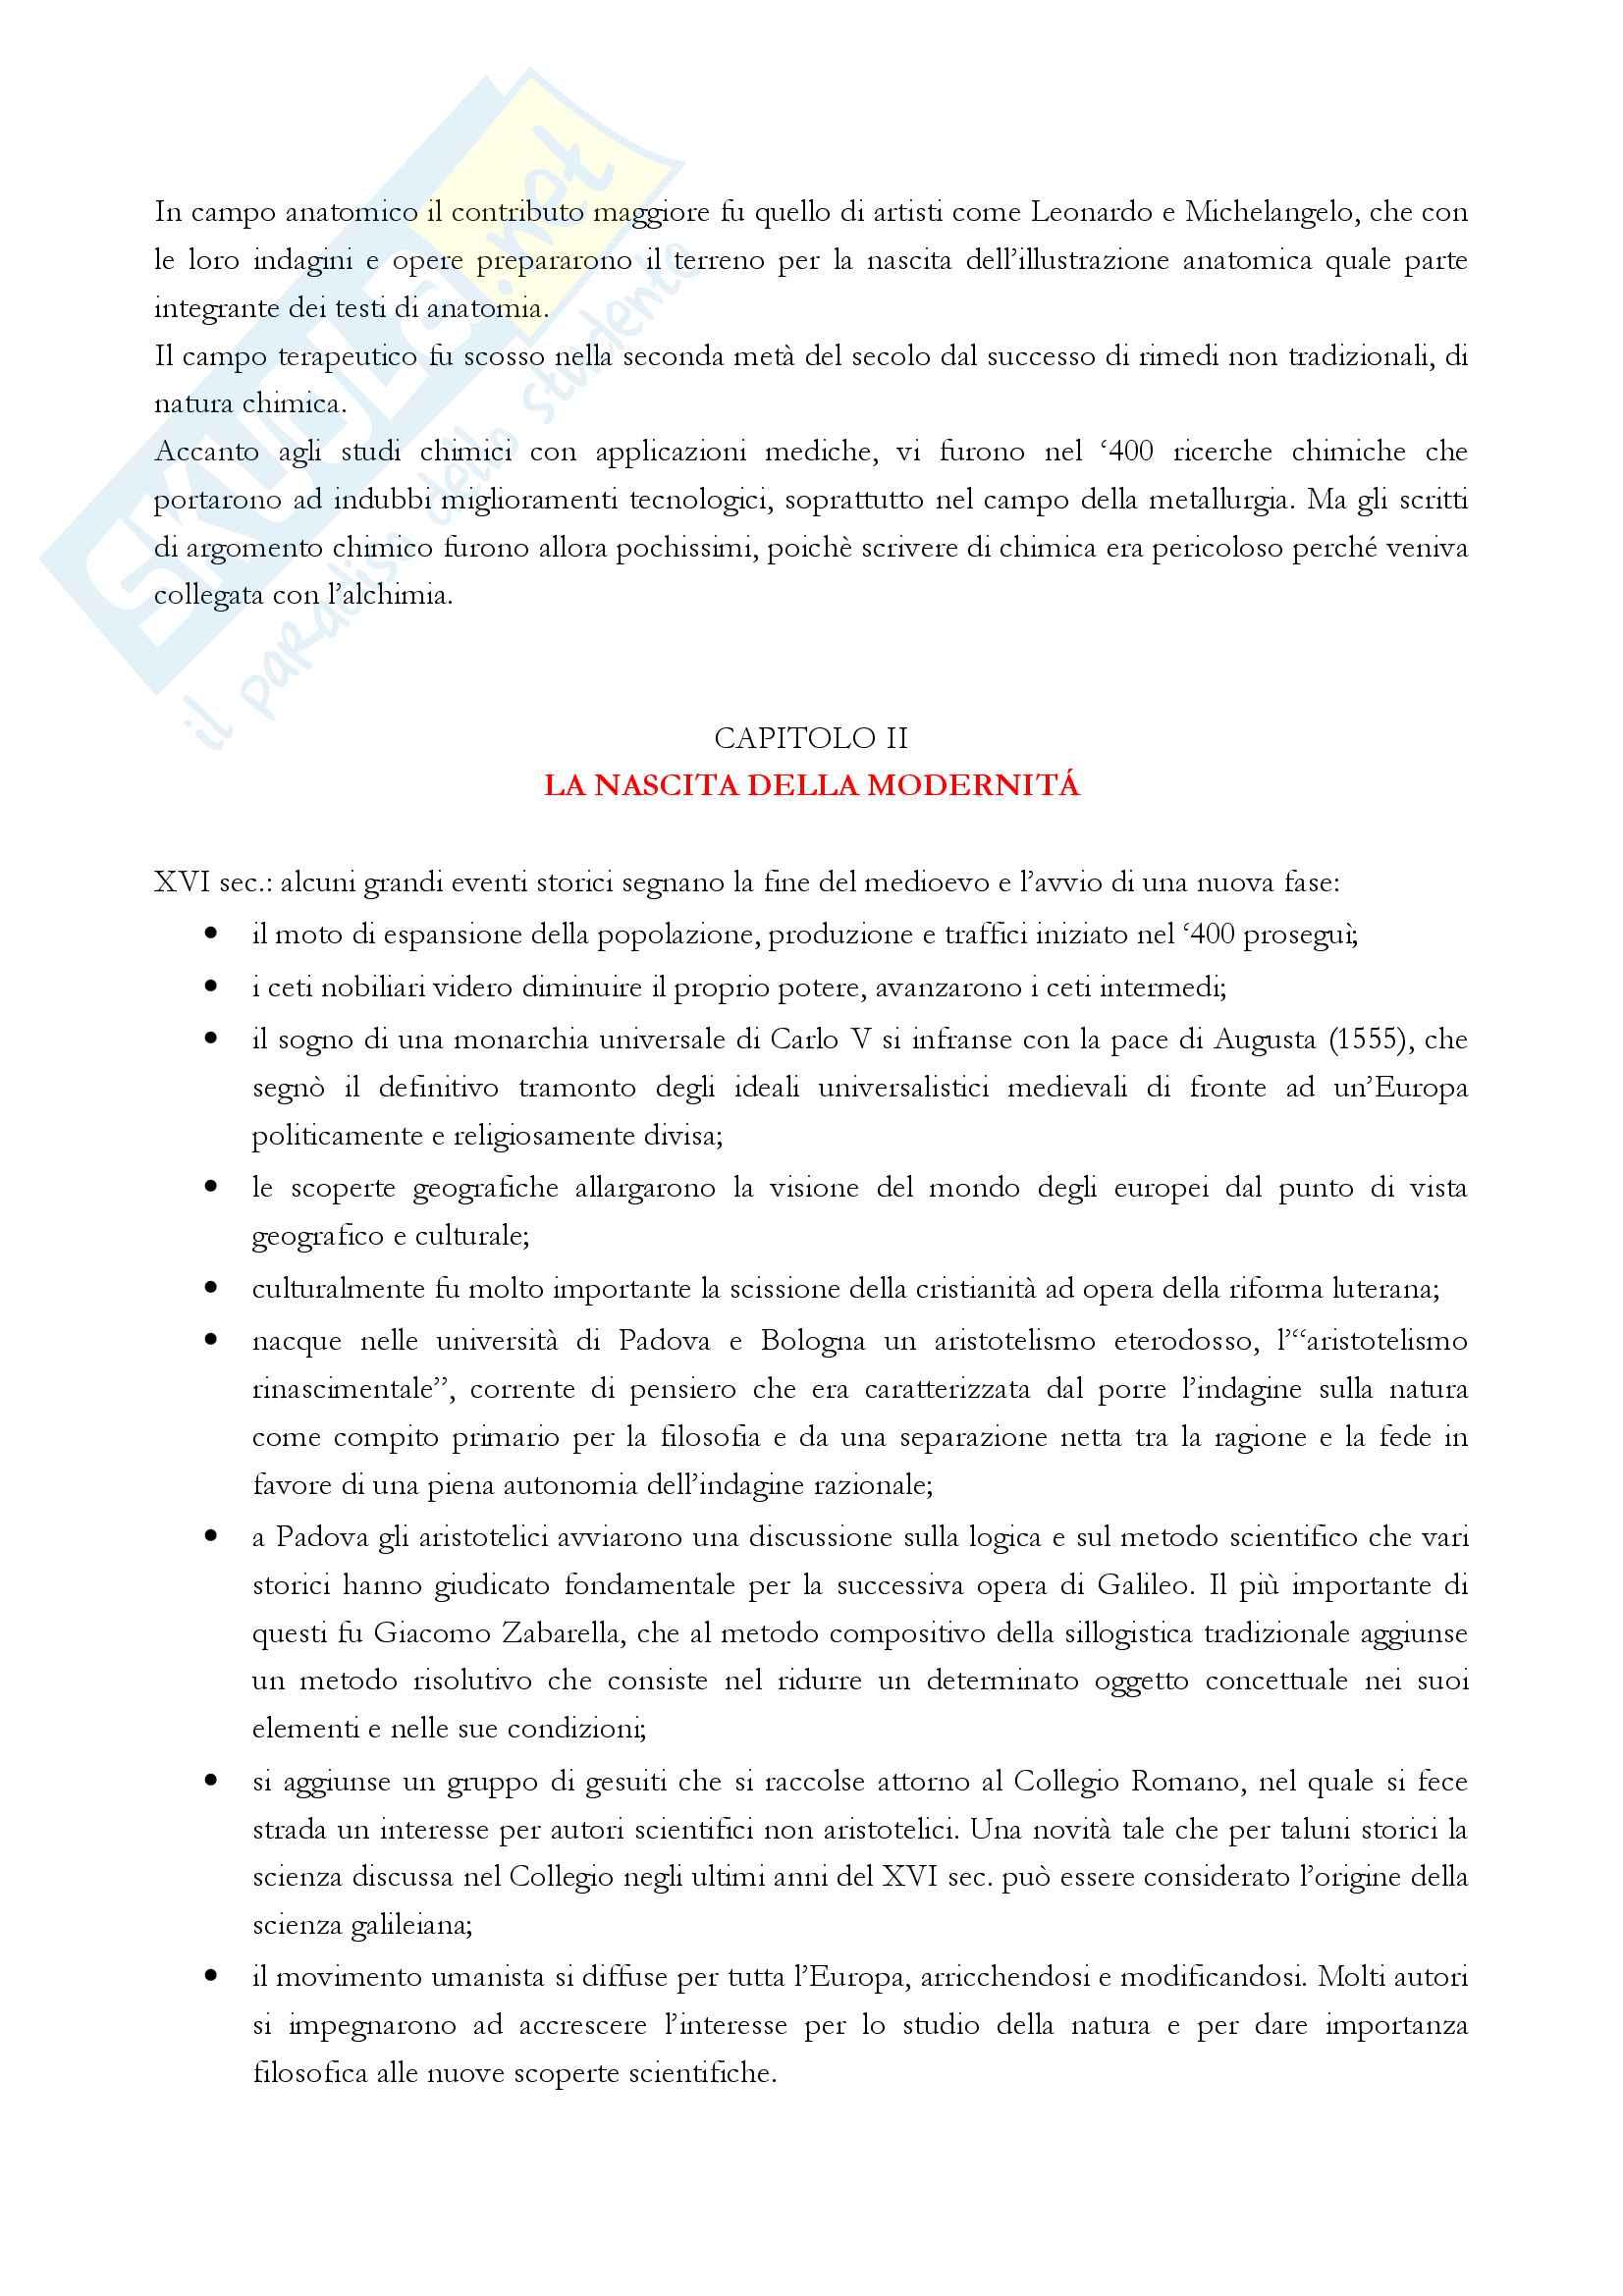 """Riassunto esame storia della scienza, Prof. Ciancio, libro consigliato """"Storia della scienza in Occidente"""" (R. Maiocchi) Pag. 11"""